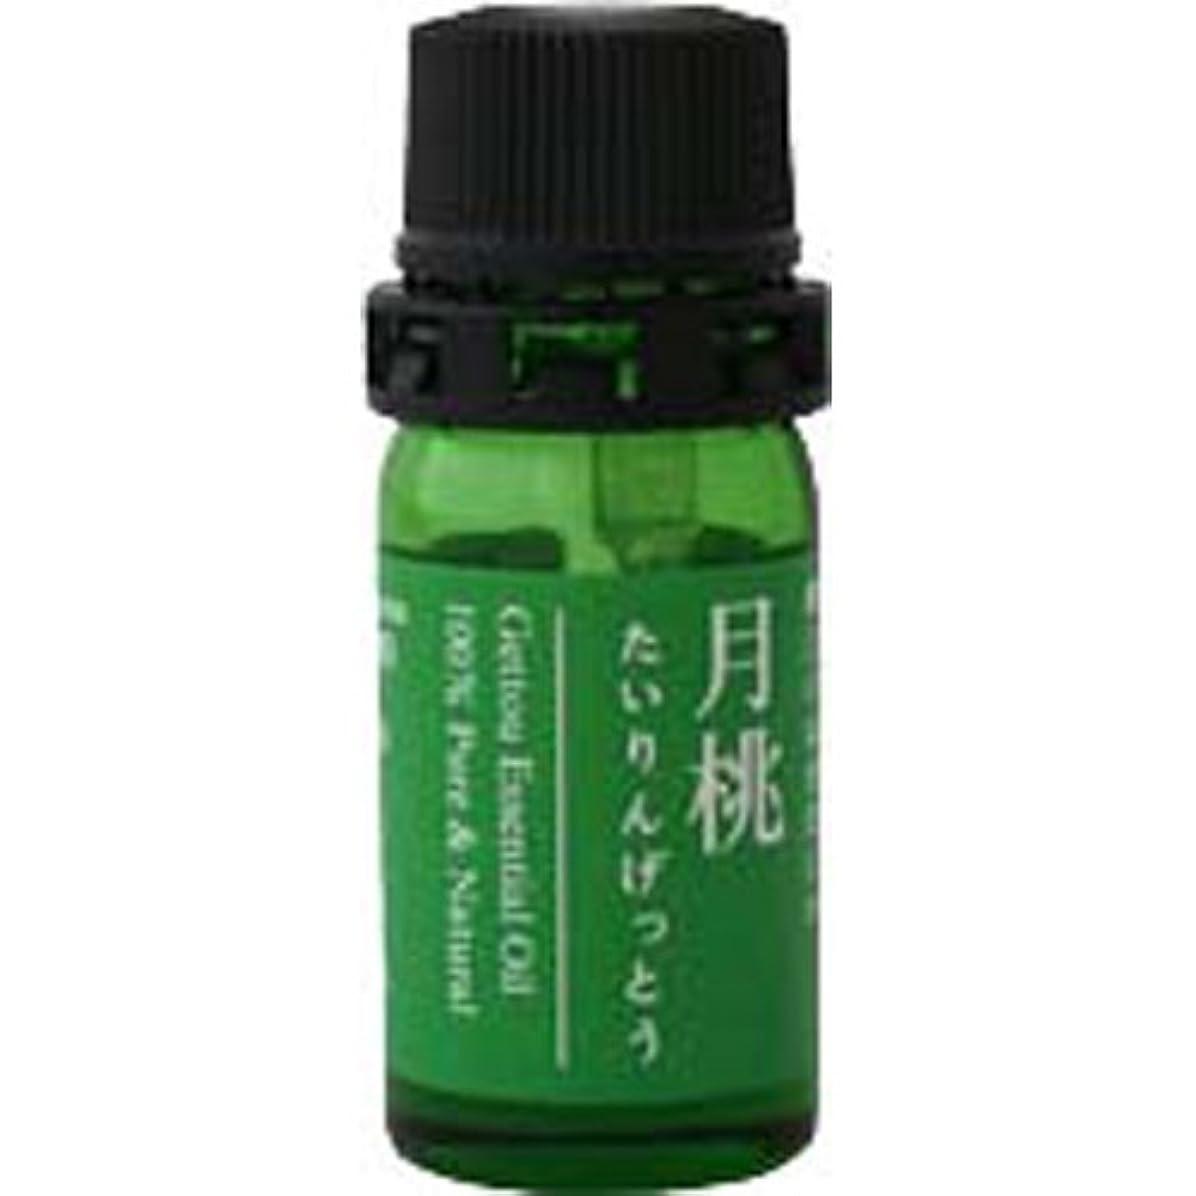 コスチュームマントクスコ月桃 エッセンシャルオイル (タイリン) 2.5ml